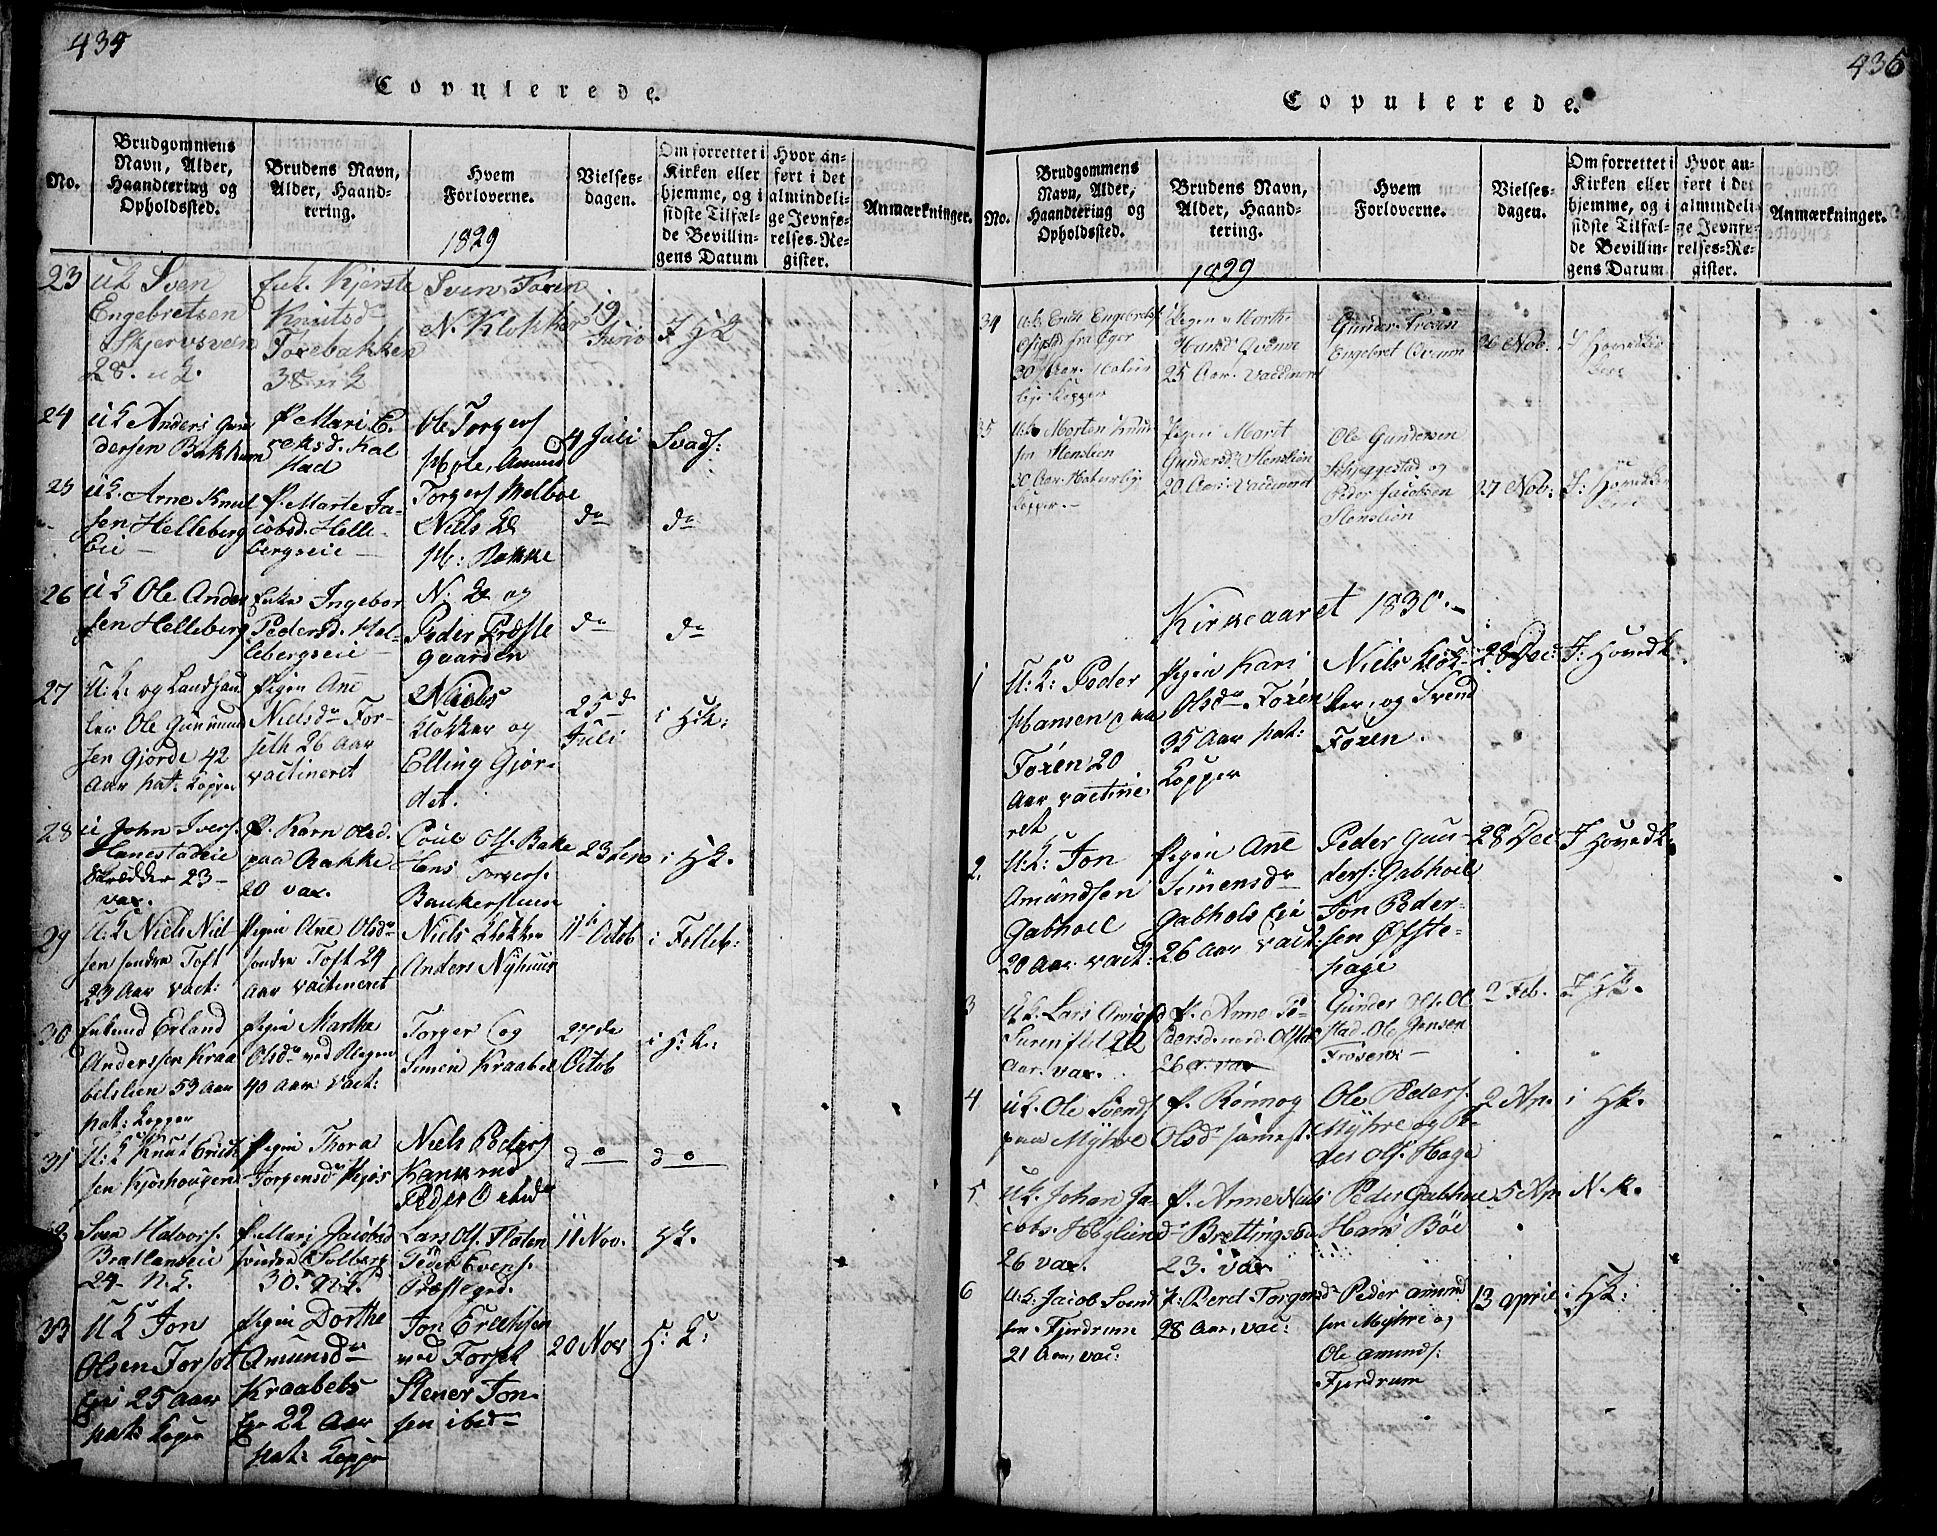 SAH, Gausdal prestekontor, Klokkerbok nr. 1, 1817-1848, s. 434-435